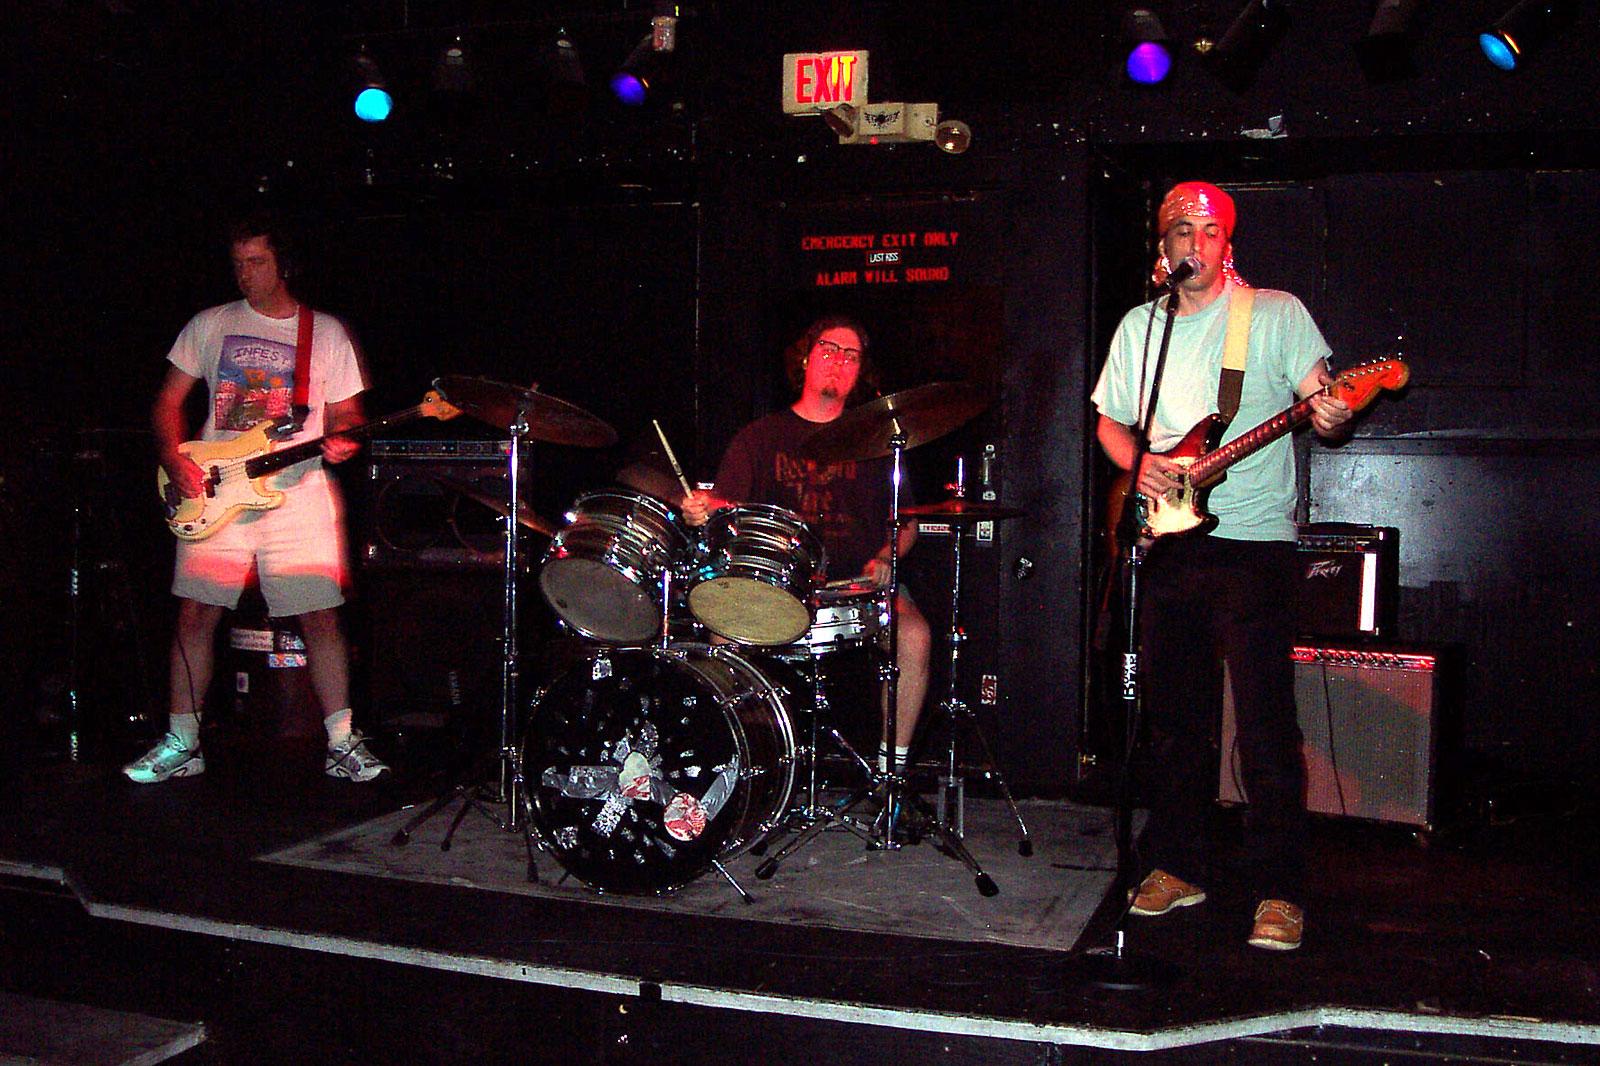 Nod performing at Bug Jar 2002